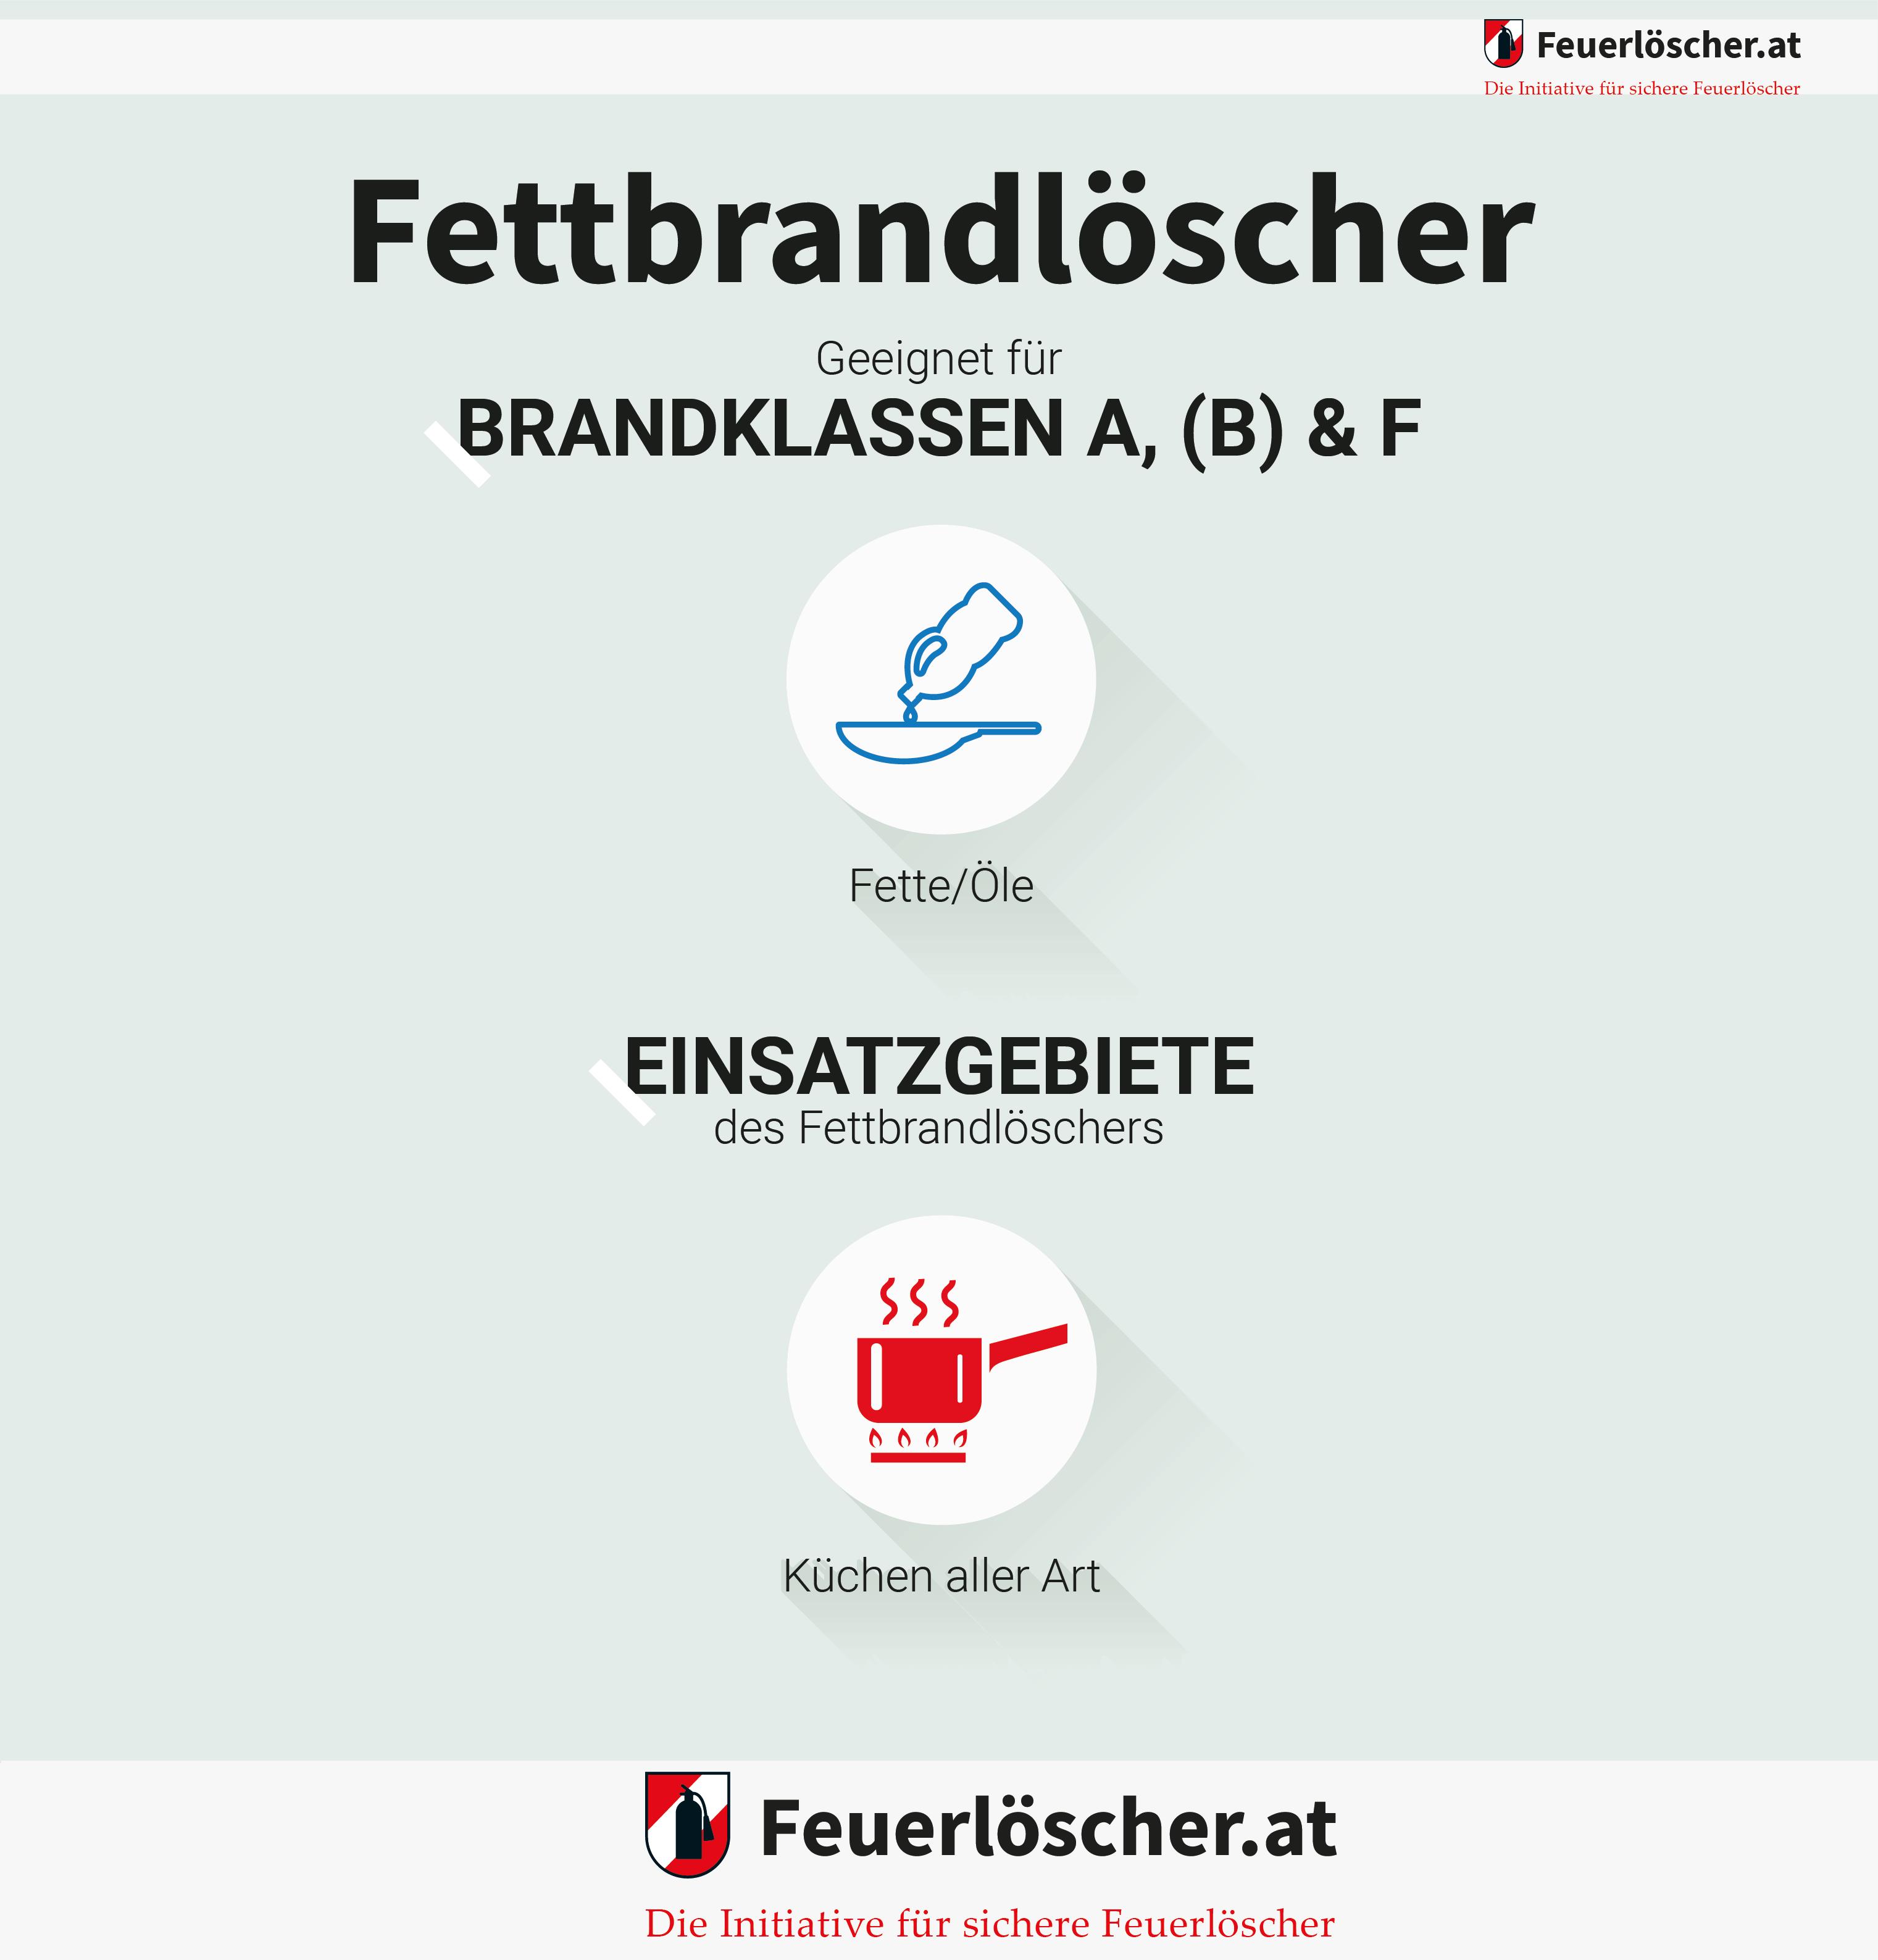 Infografik: Anwendungsbeispiele von Fettbrandlöscher.